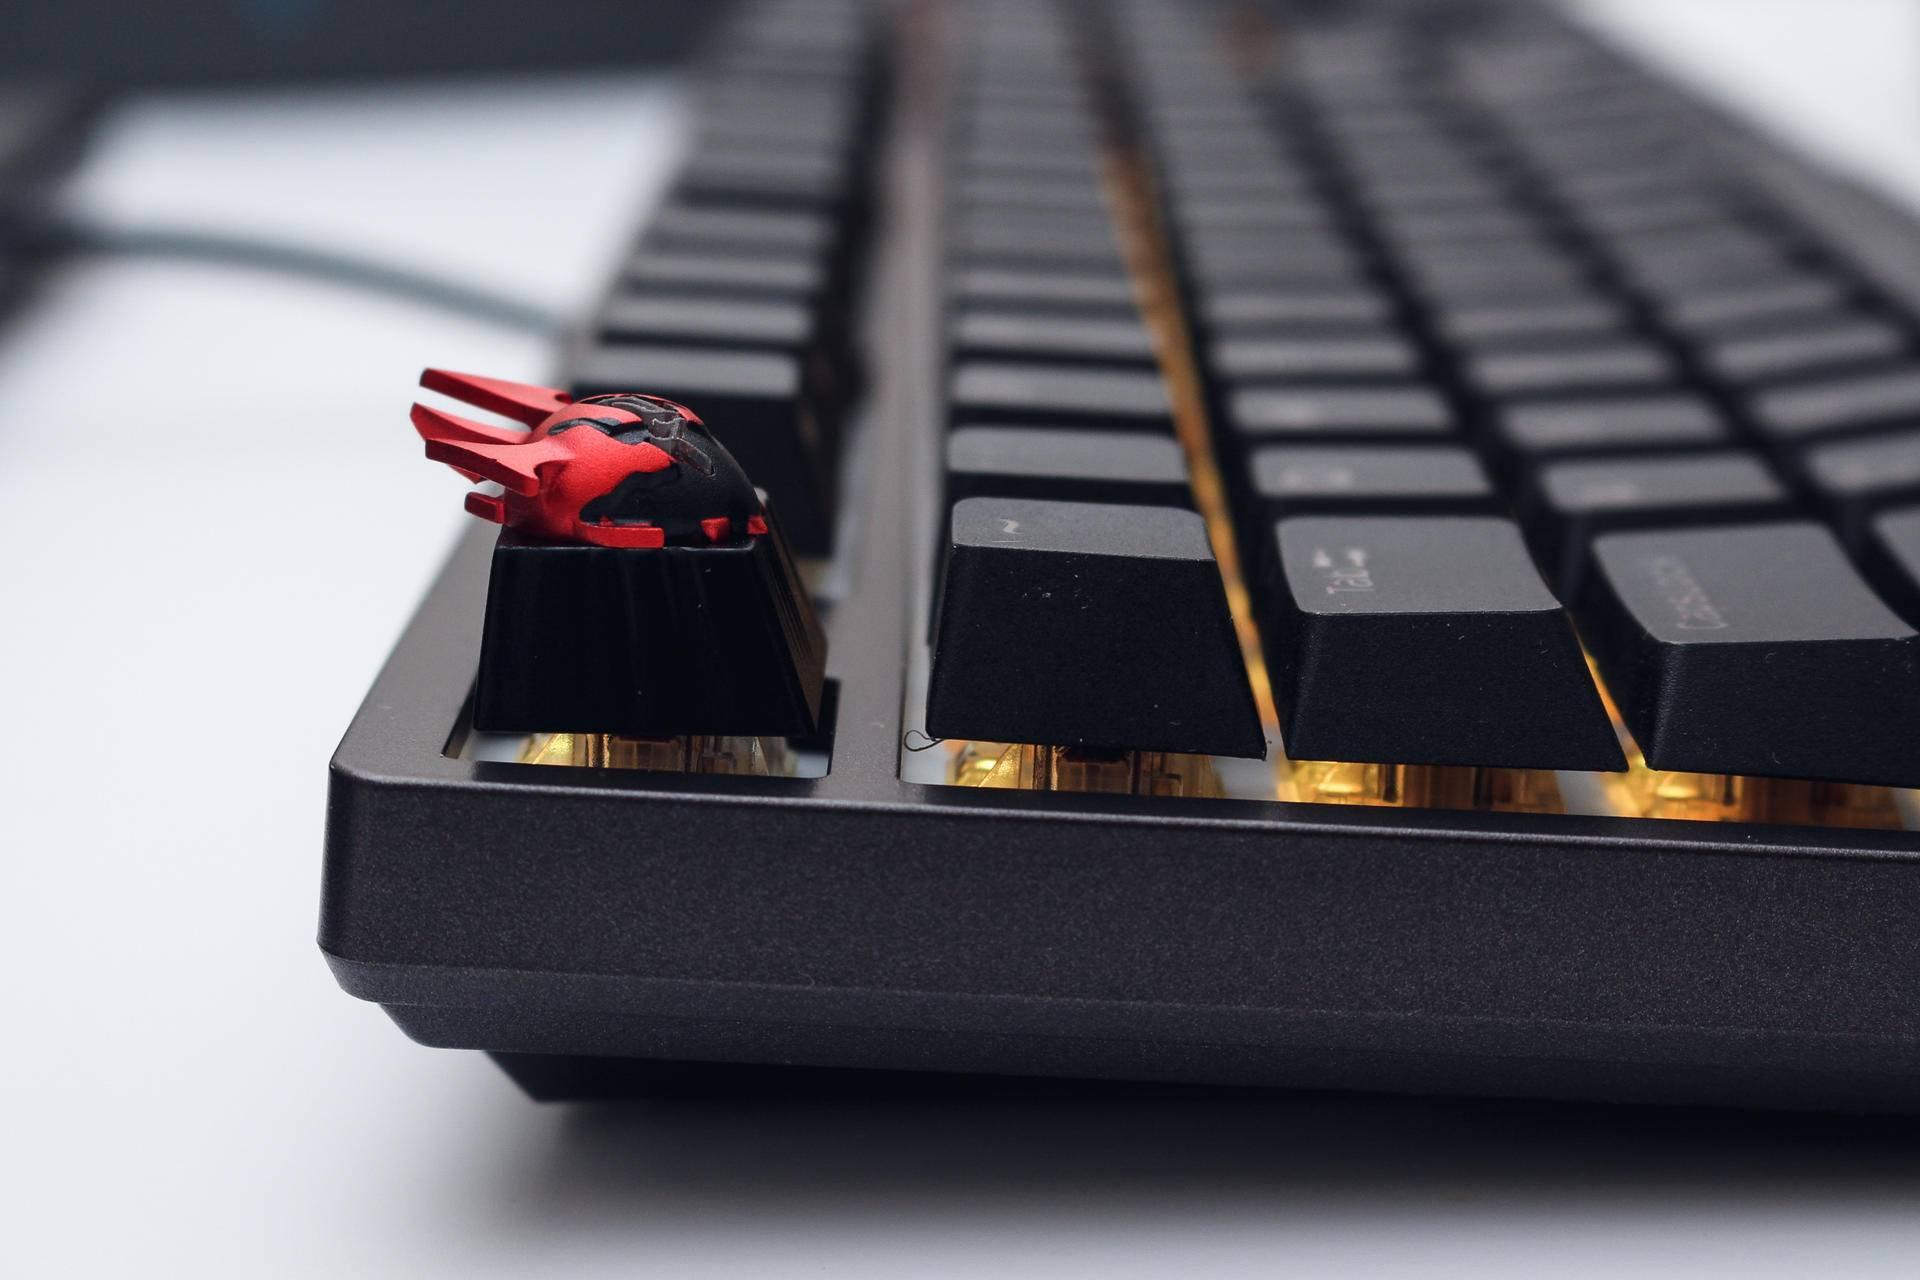 是不是傻,一把键盘的钱只买了一颗键帽?插图(18)